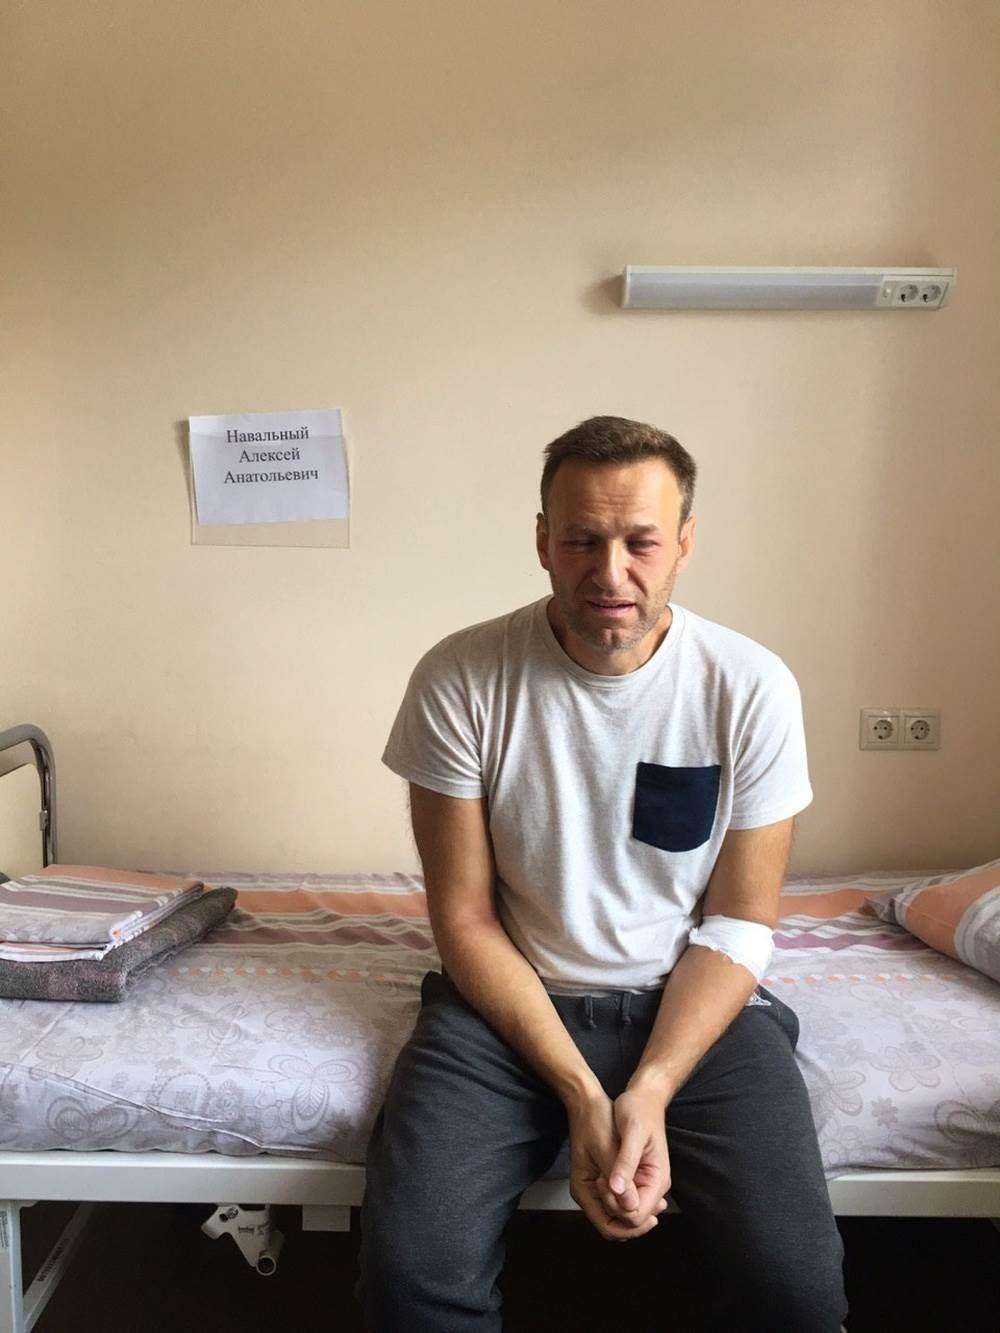 اليكسي نافالني خضع للعلاج في مستشفى محلي وأكد الأطباء عدم وجود أي مواد سامة في دمه